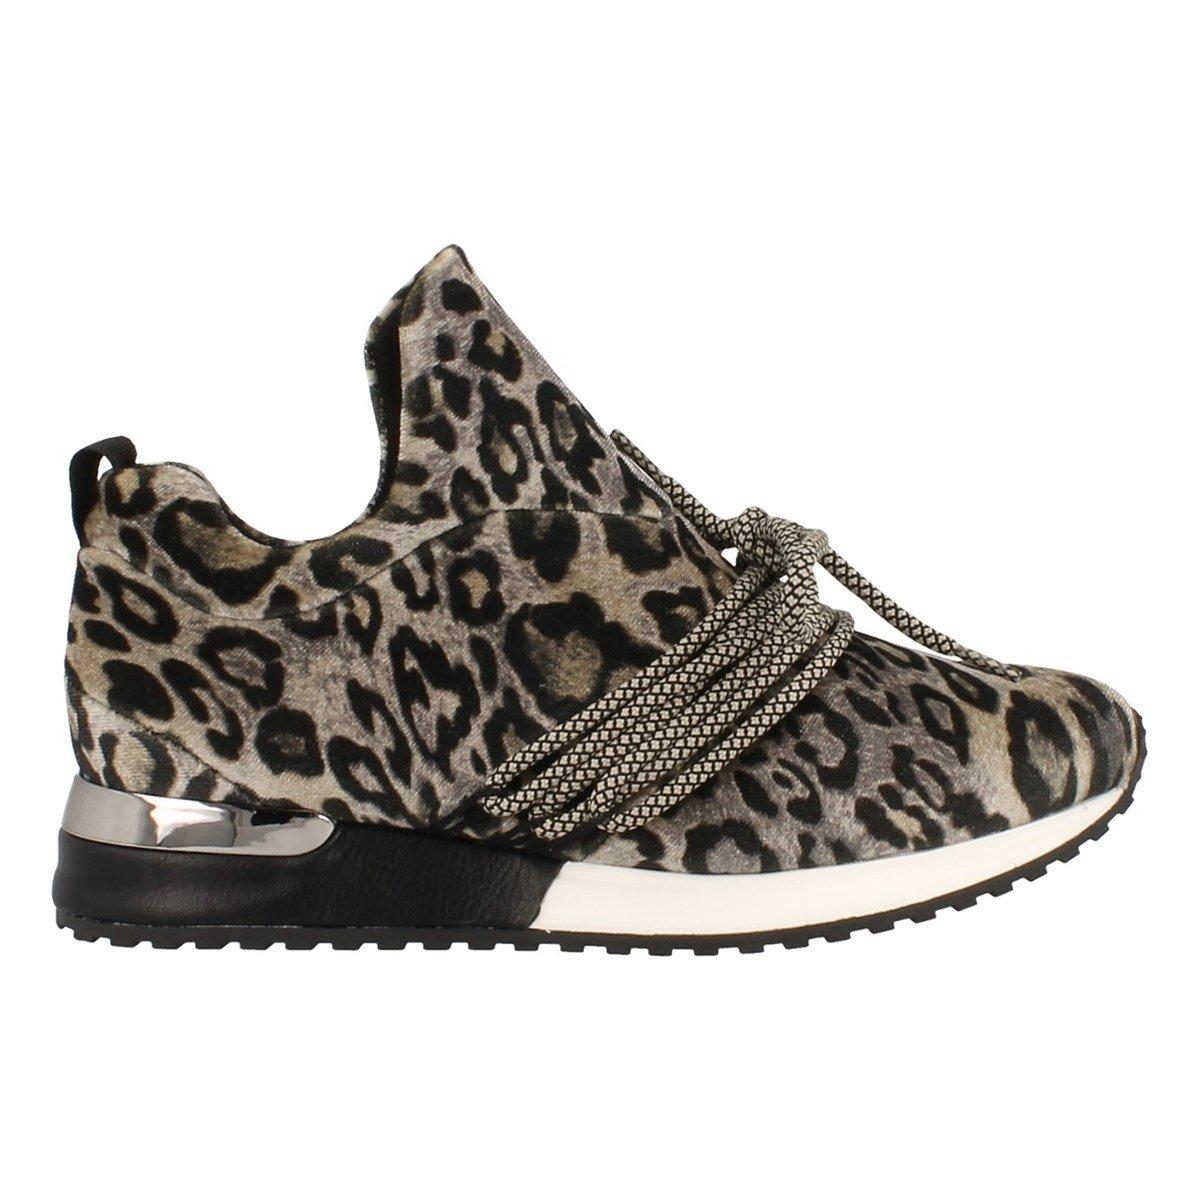 La stradaLeopard Velvet - Zapatillas Mujer 36 EU